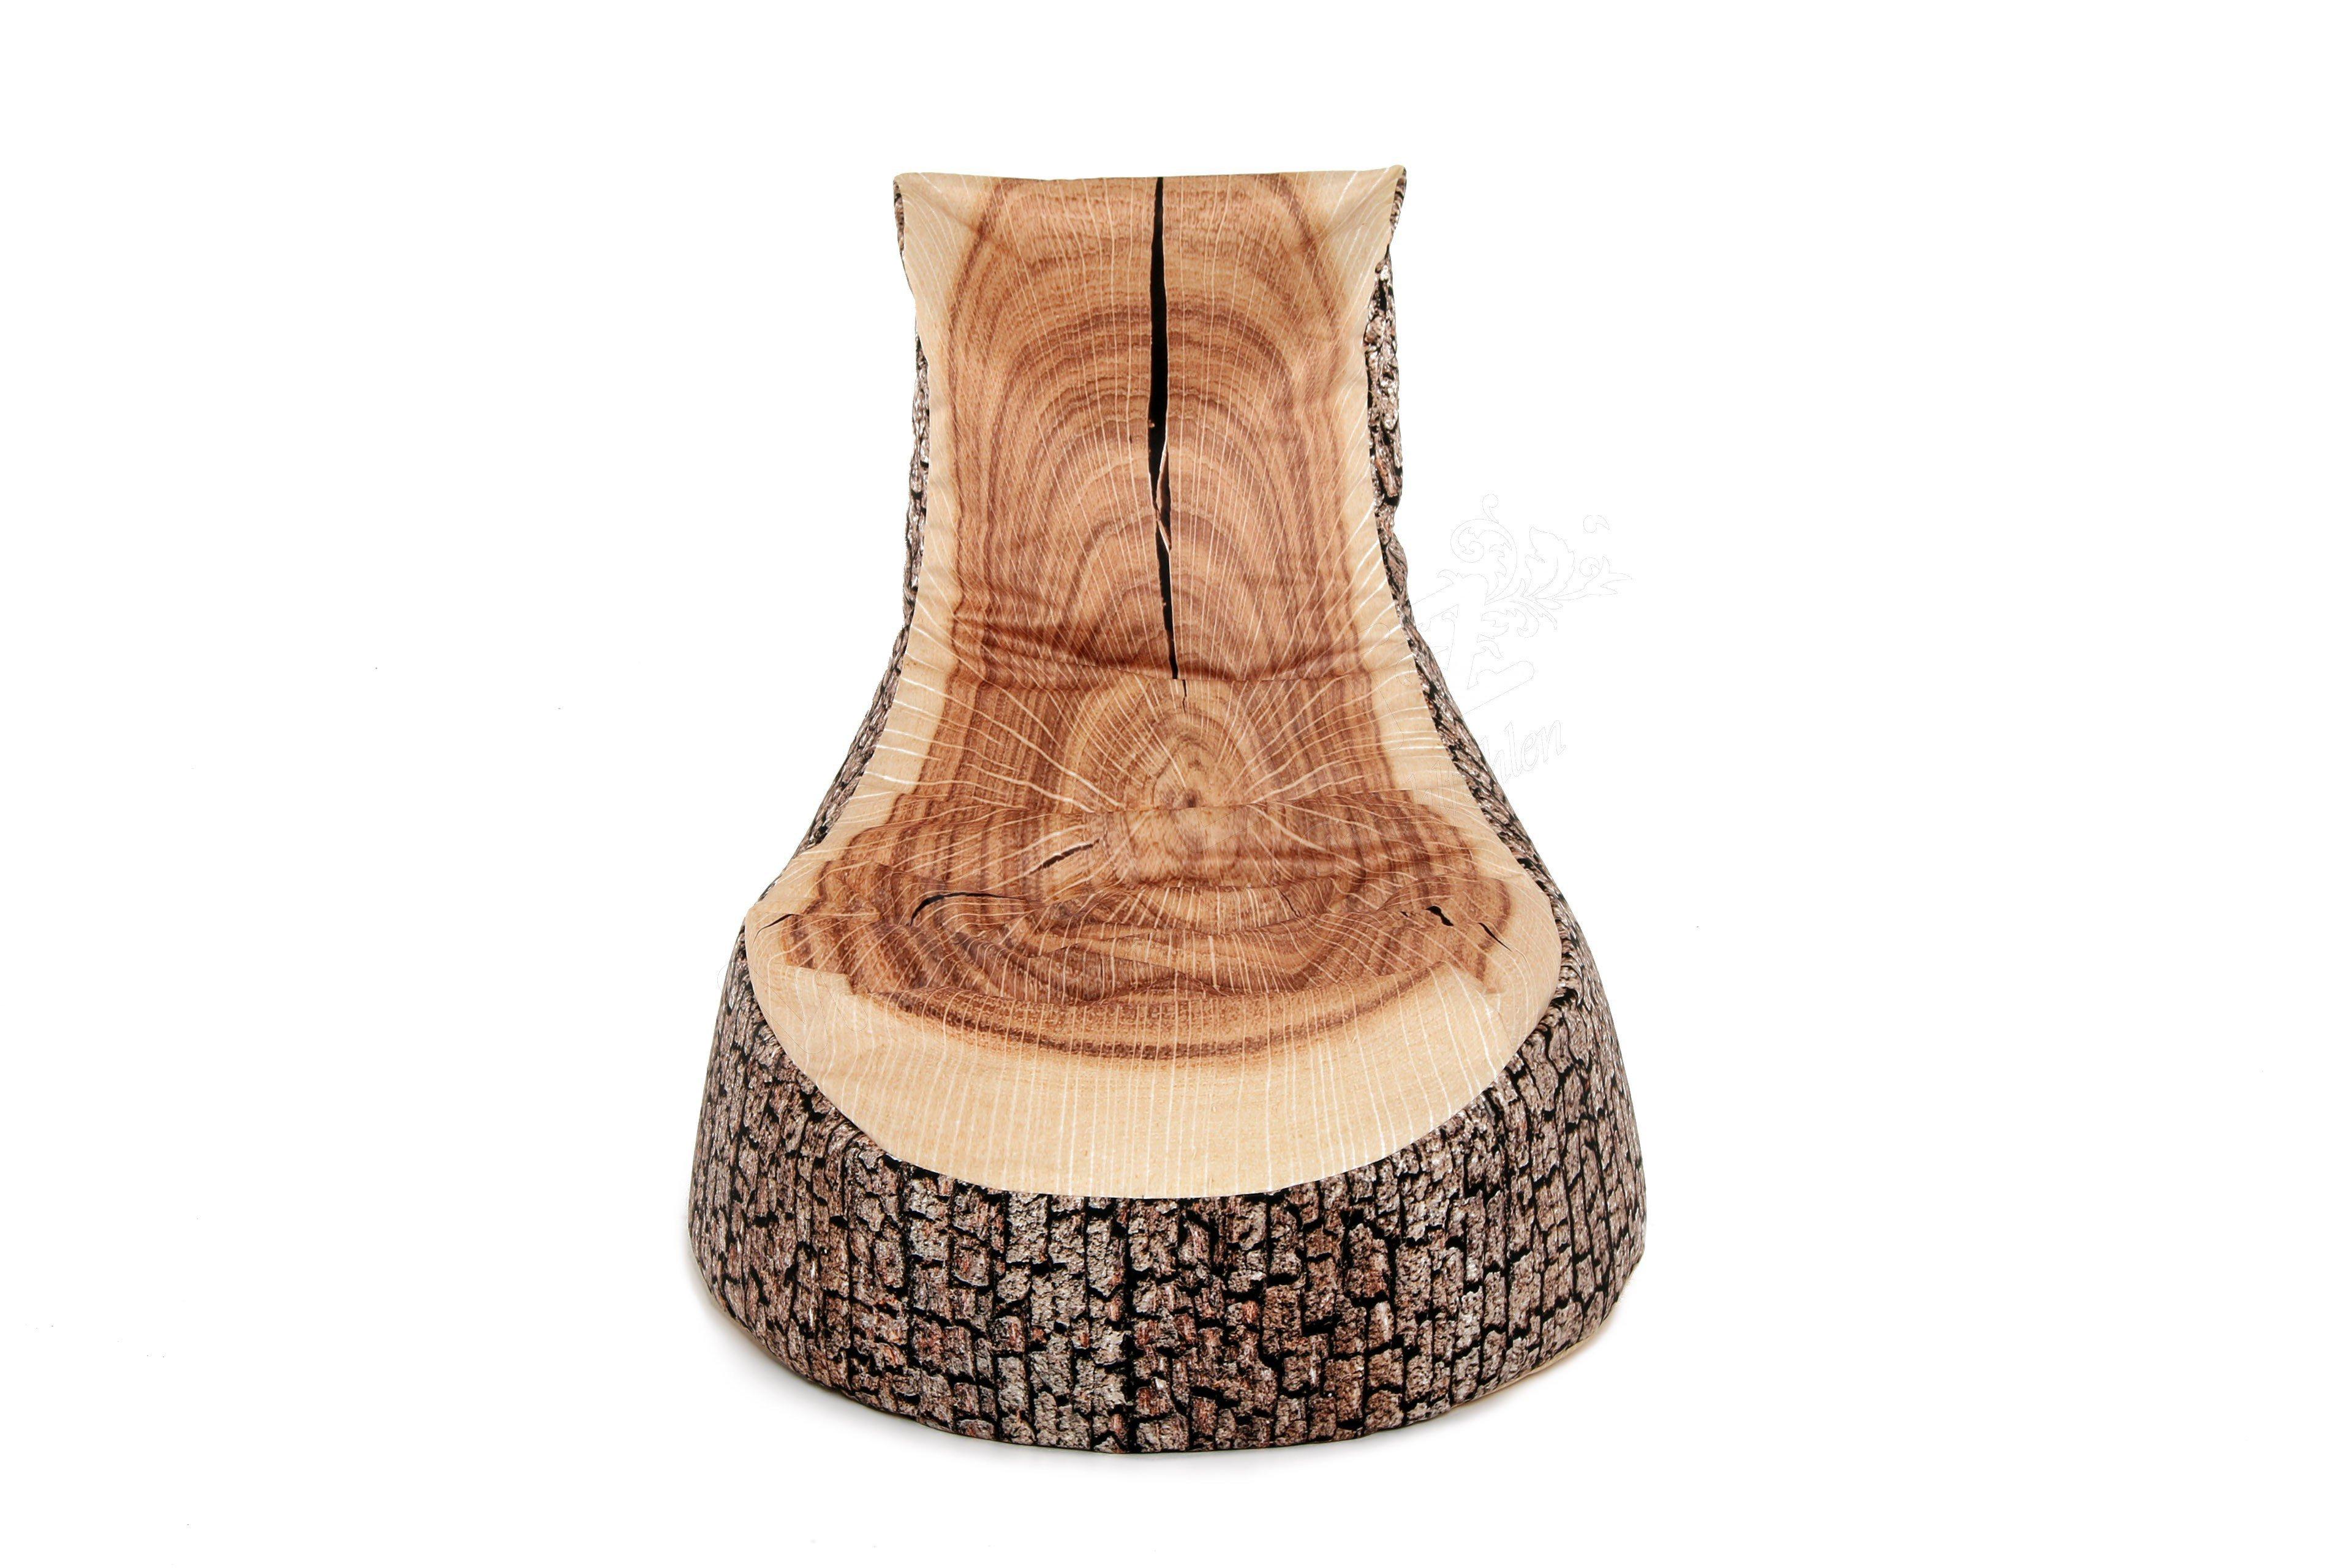 sitzsack wood swing von magma heimtex braun m bel letz ihr online shop. Black Bedroom Furniture Sets. Home Design Ideas